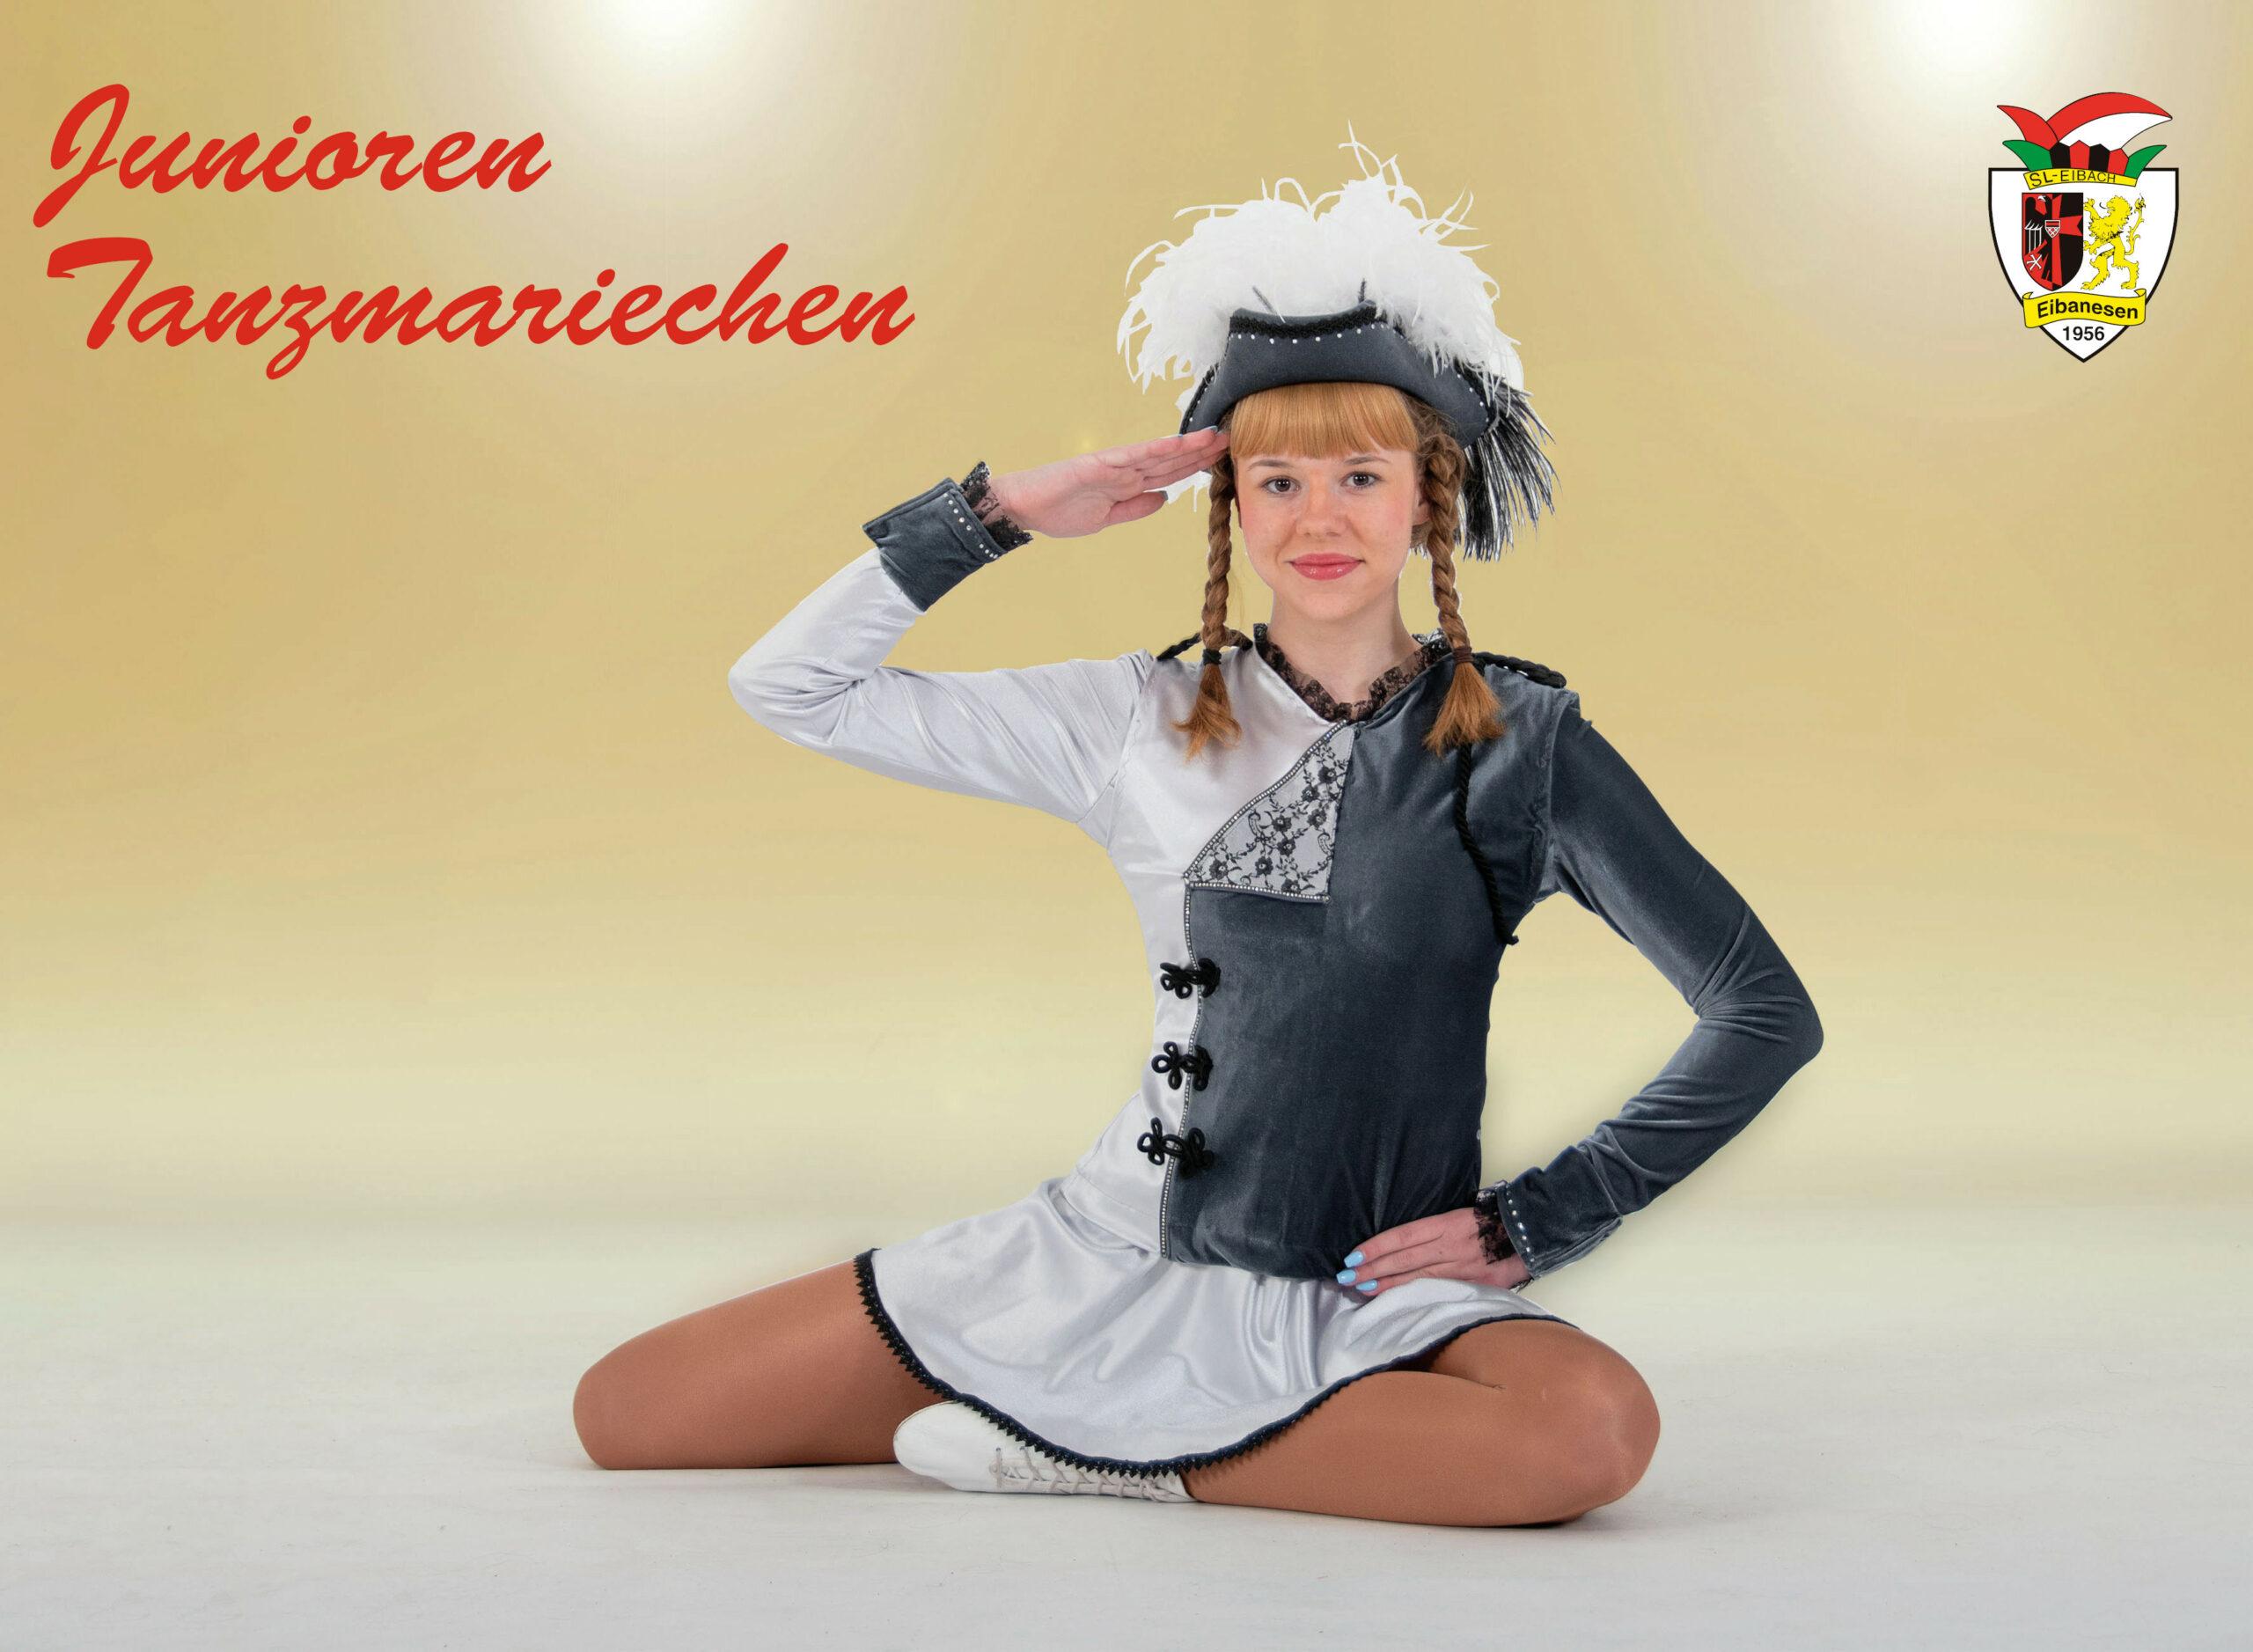 Junioren-Tanzmariechen